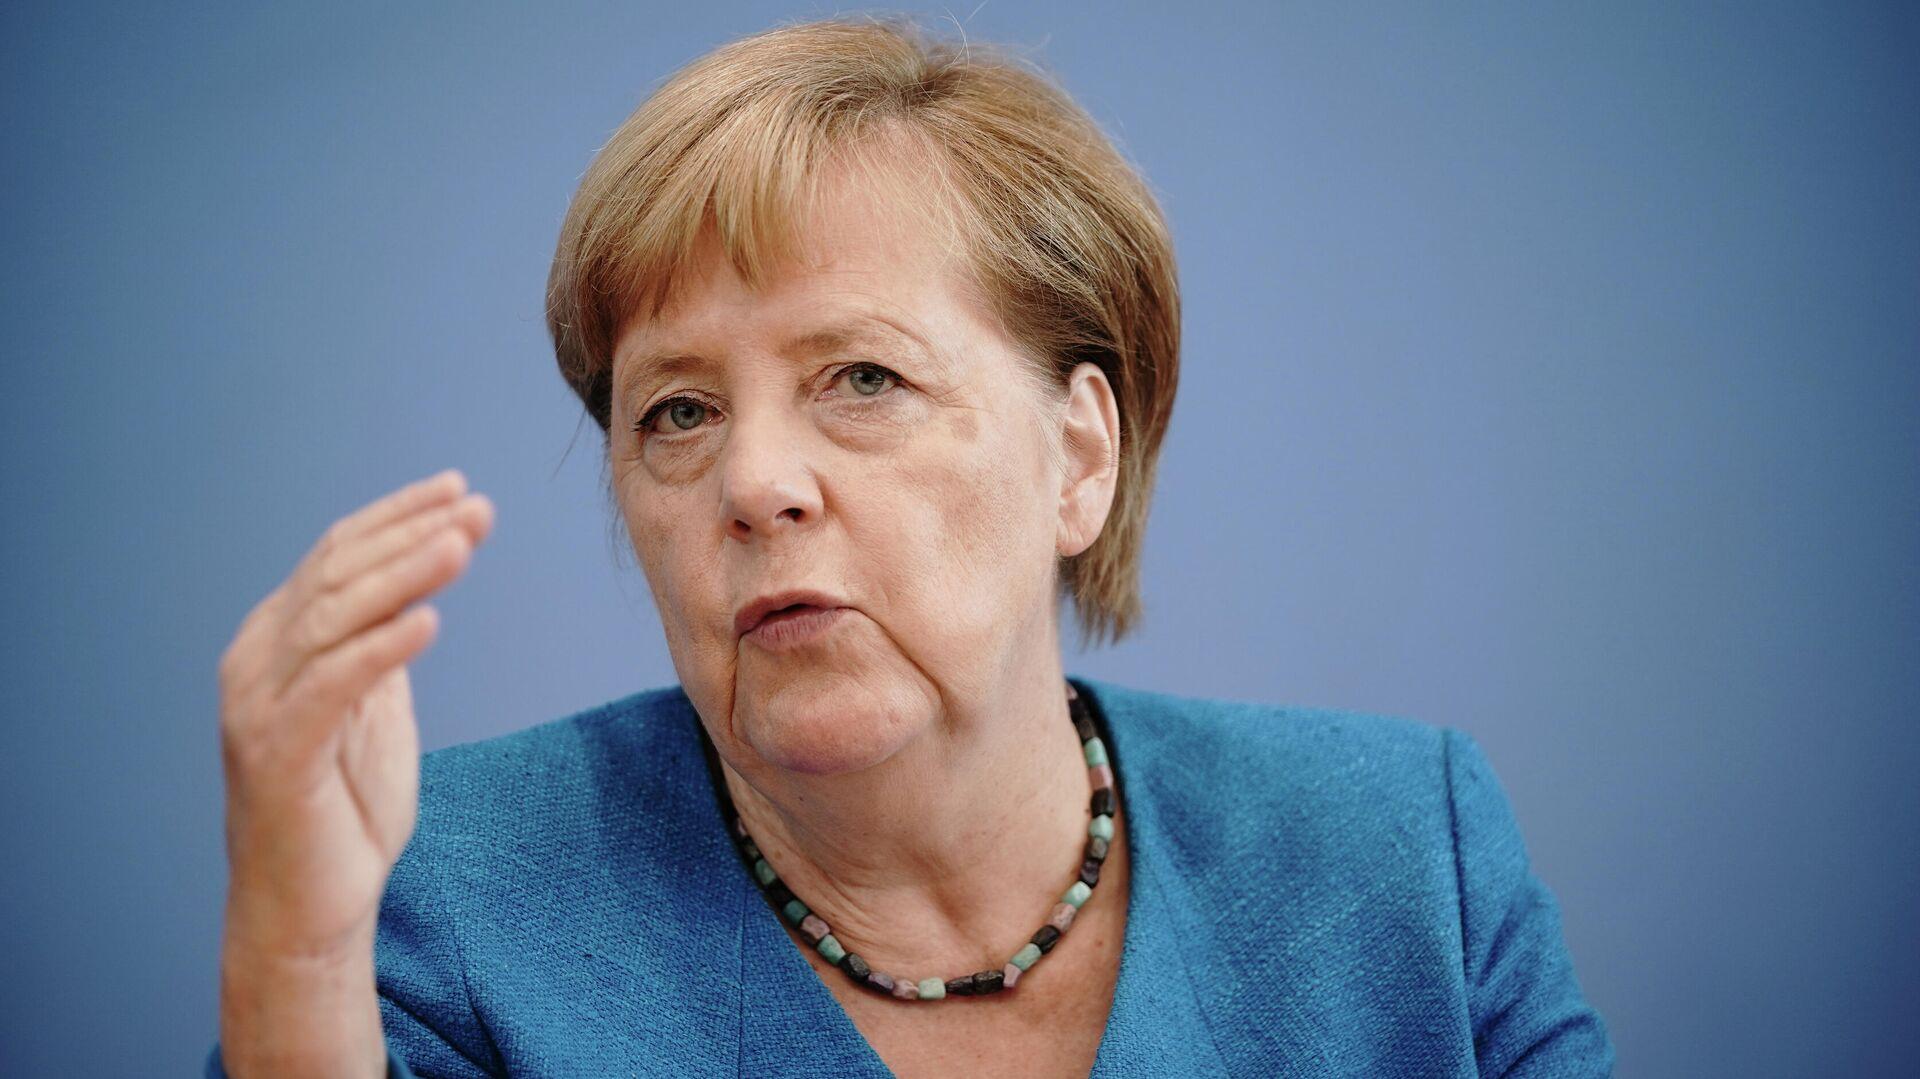 Ангела Меркель во время пресс-конференции в Берлине - РИА Новости, 1920, 08.09.2020